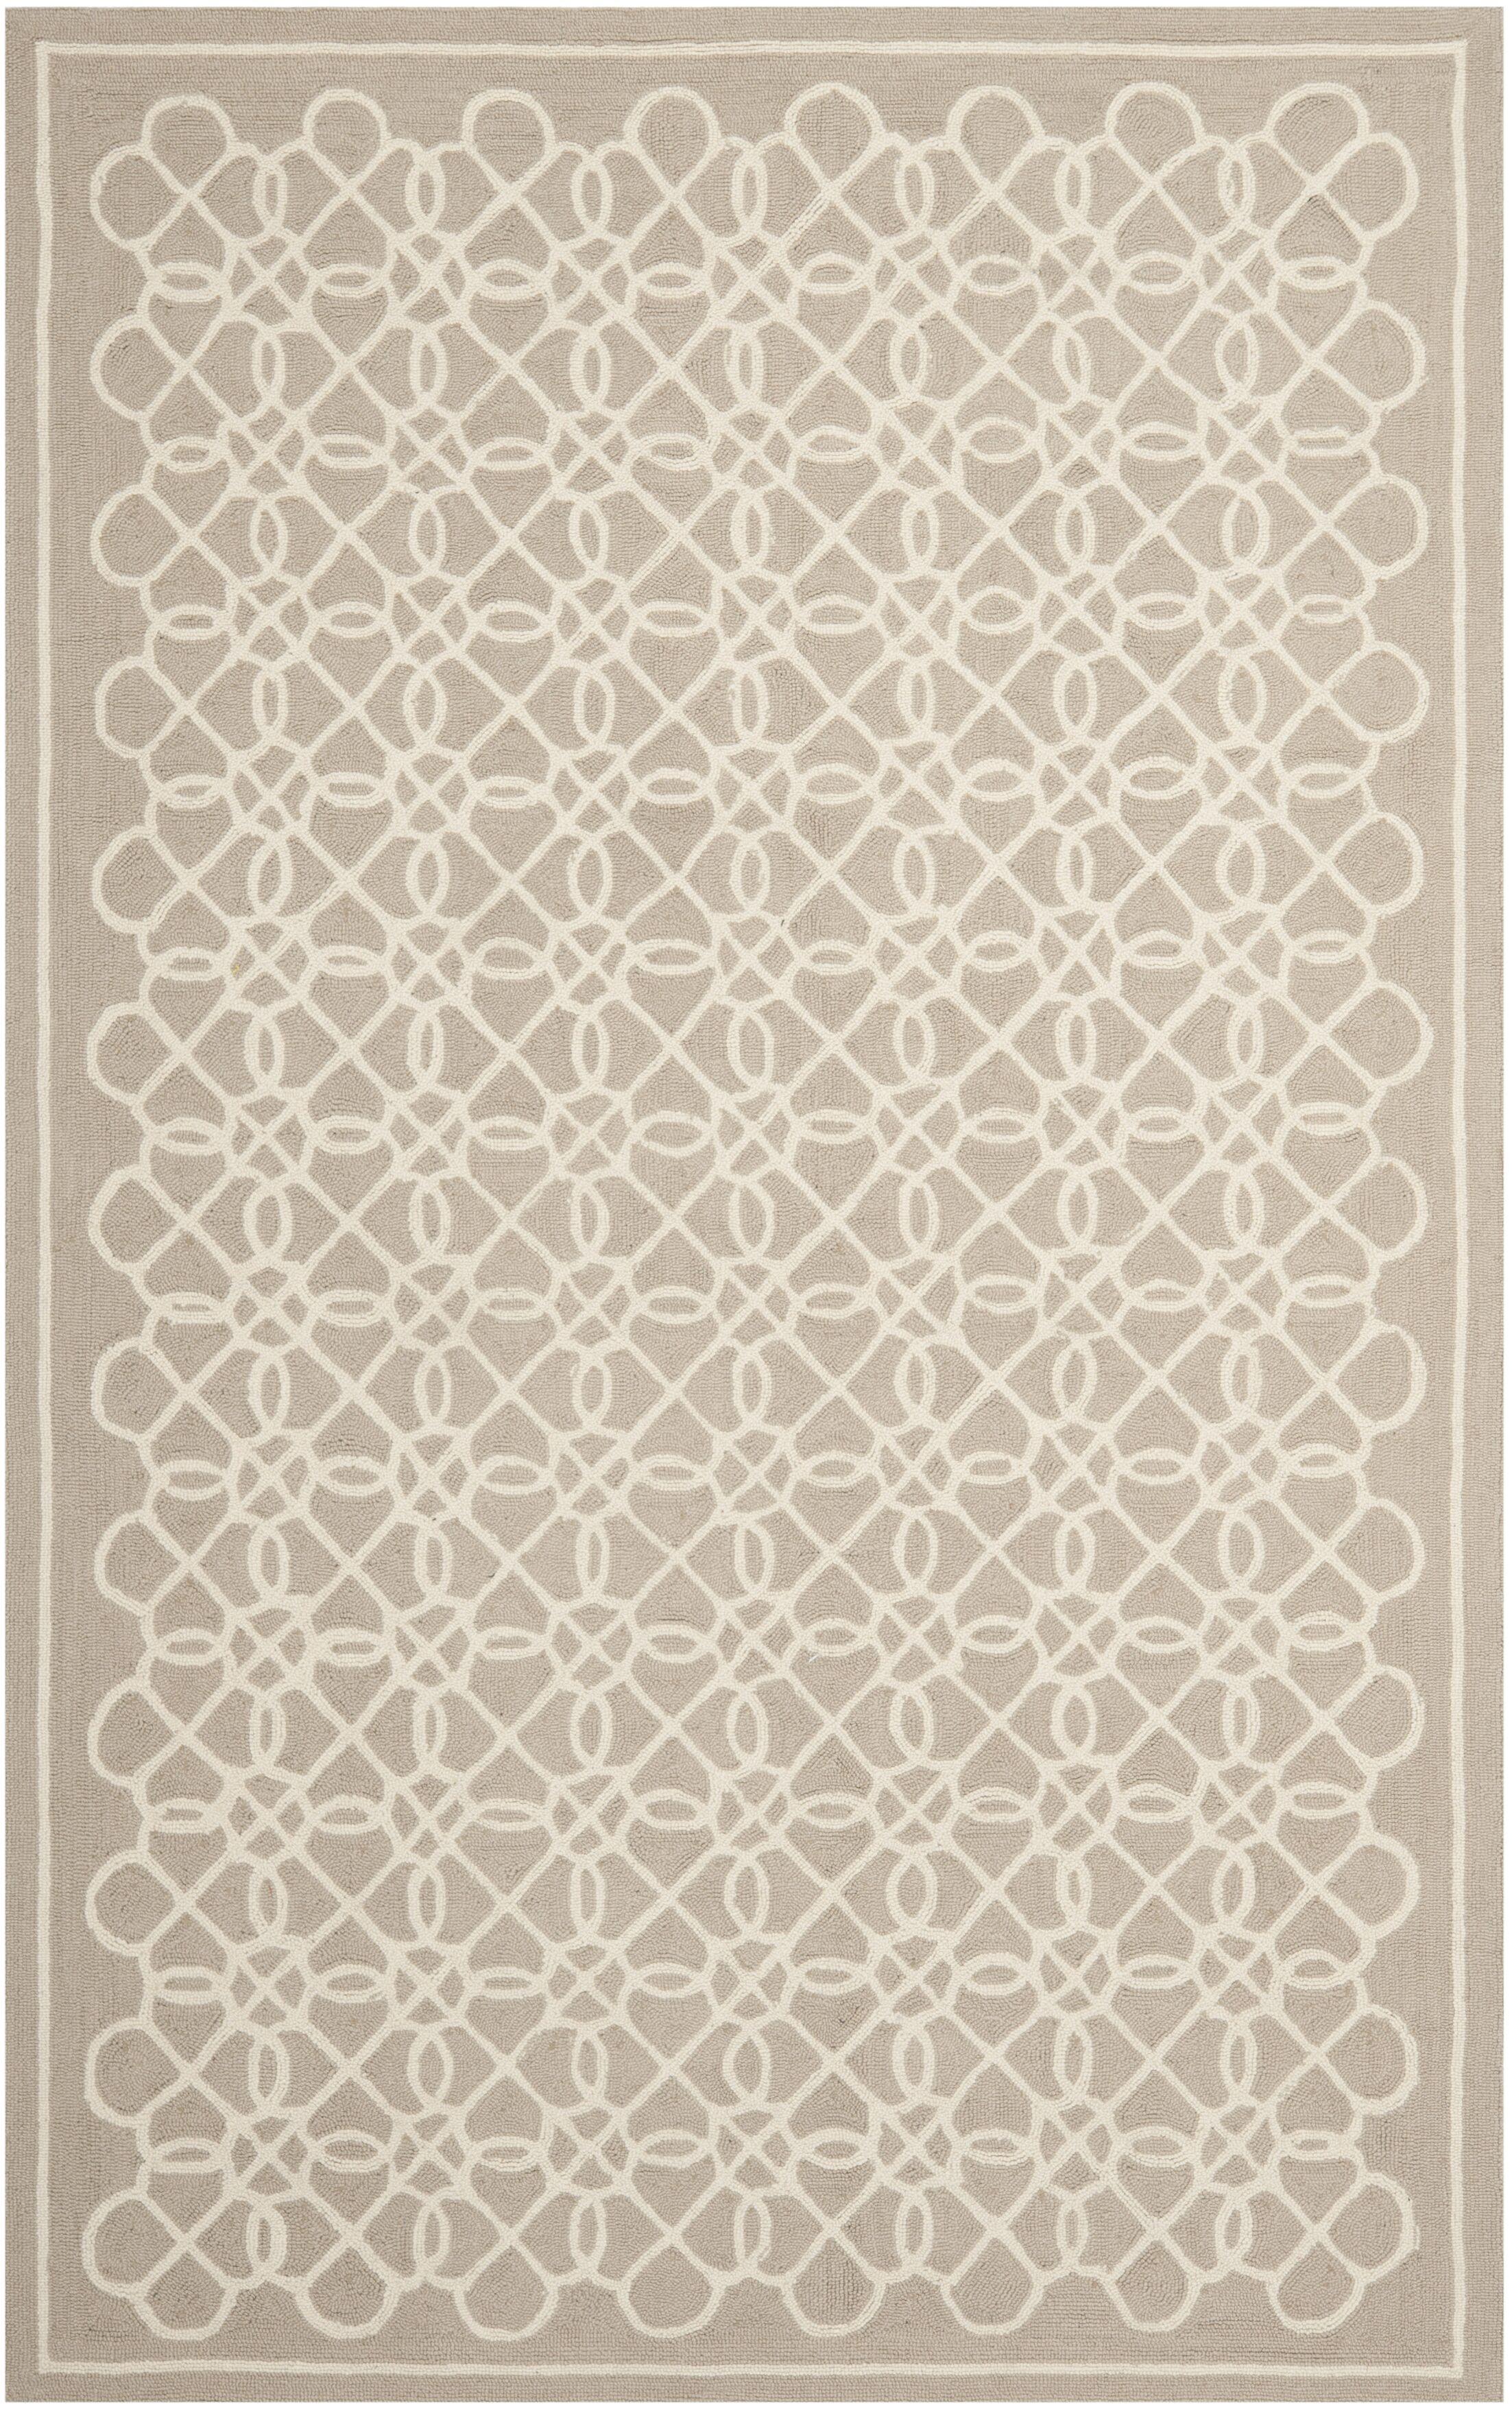 Helena Tan/Ivory Area Rug Rug Size: Rectangle 5'3